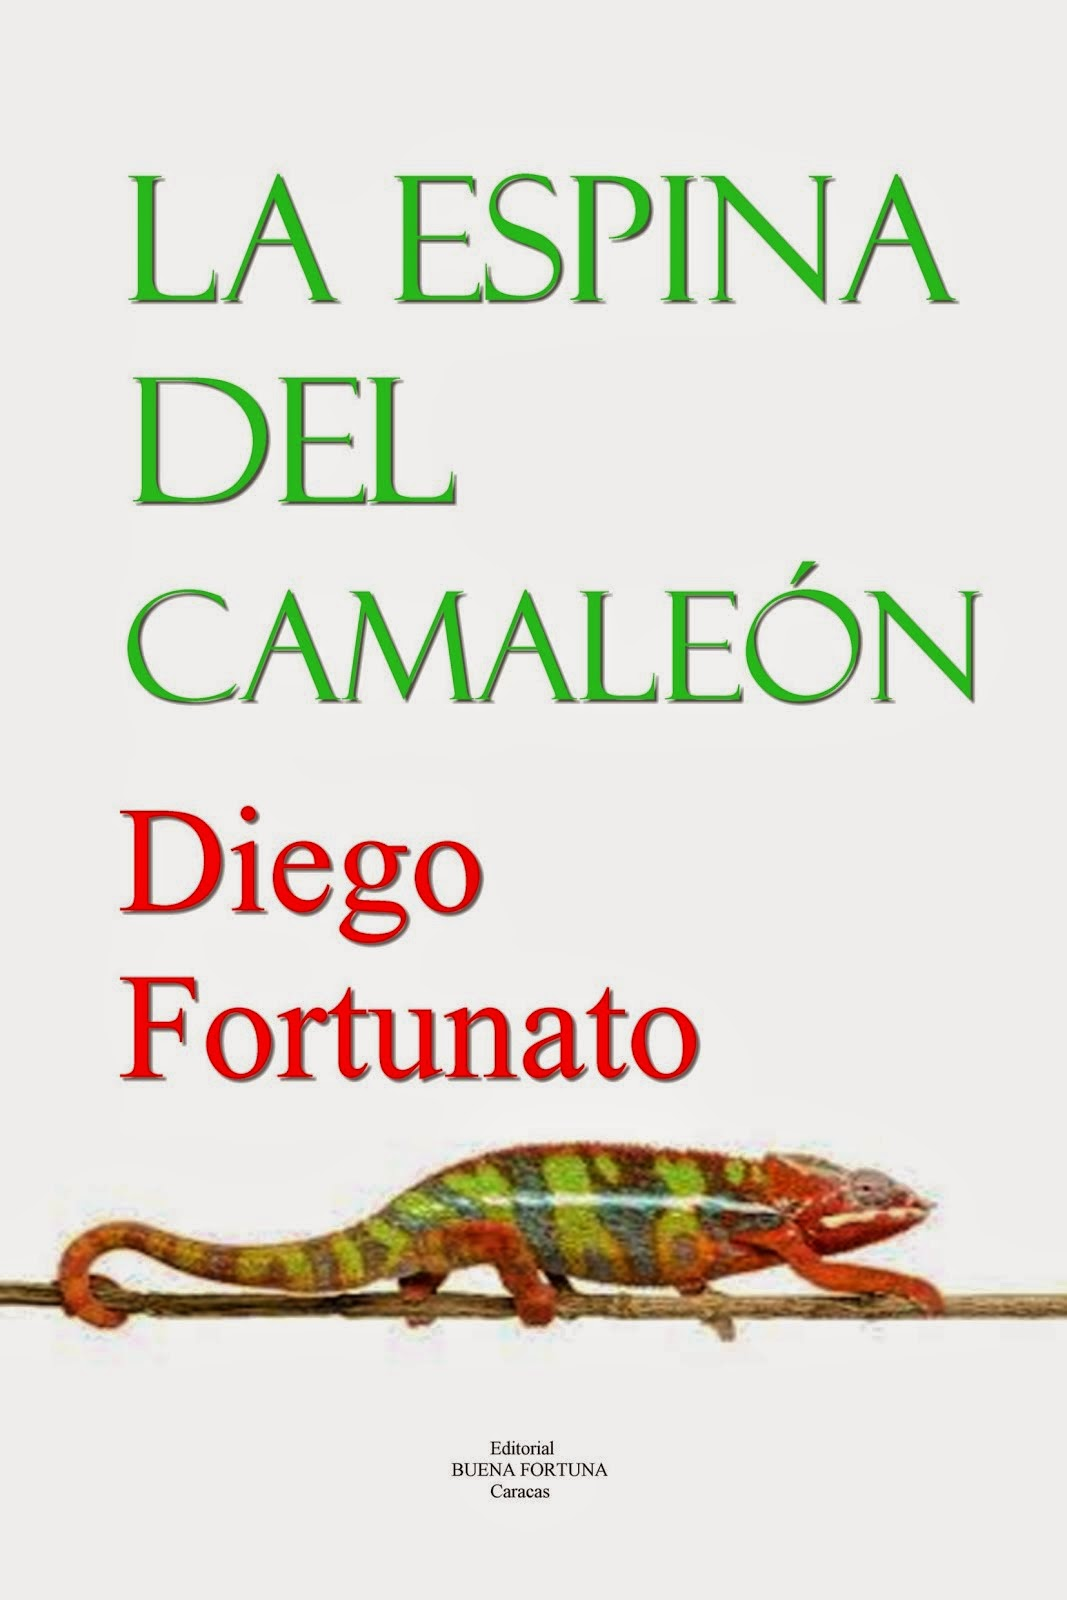 LA ESPINA DEL CAMALEÓN